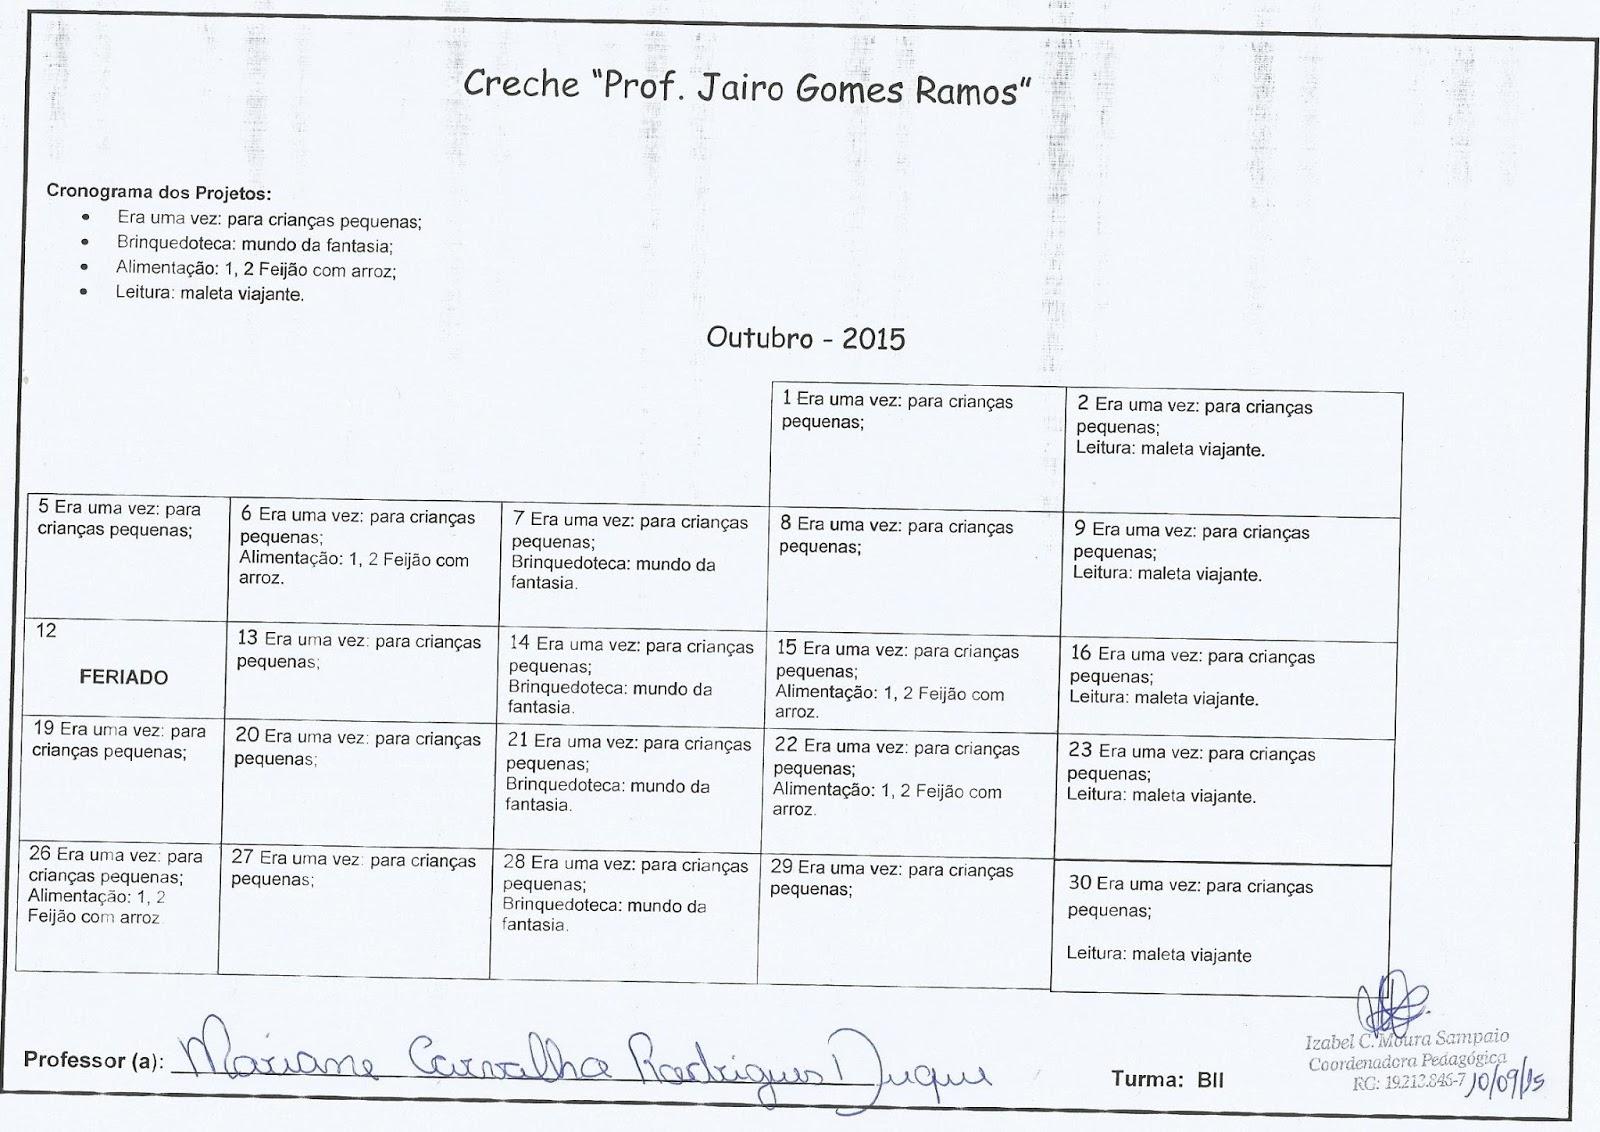 Amado Coordenação Pedagógica - Izabel C. M. Sampaio: CRONOGRAMA DOS  GC75